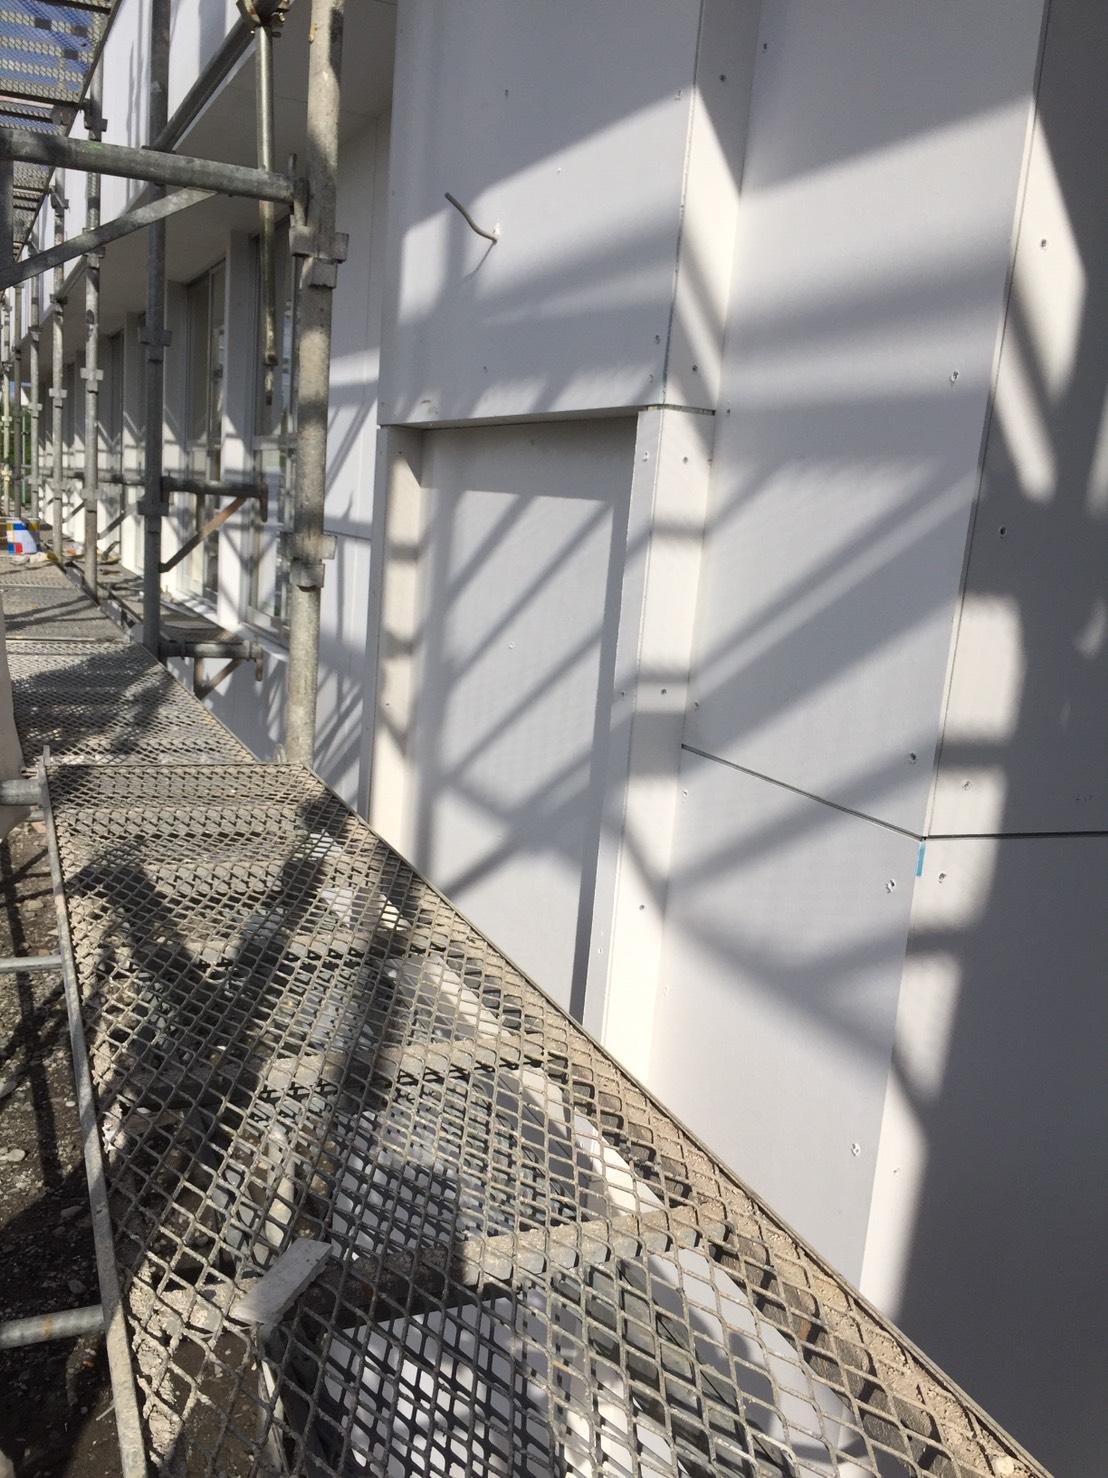 愛知県名古屋市の建築一般工事 リフォーム工事の株式会社松昇の静岡県 マンションモデルルーム工事(軽量、ボード工事